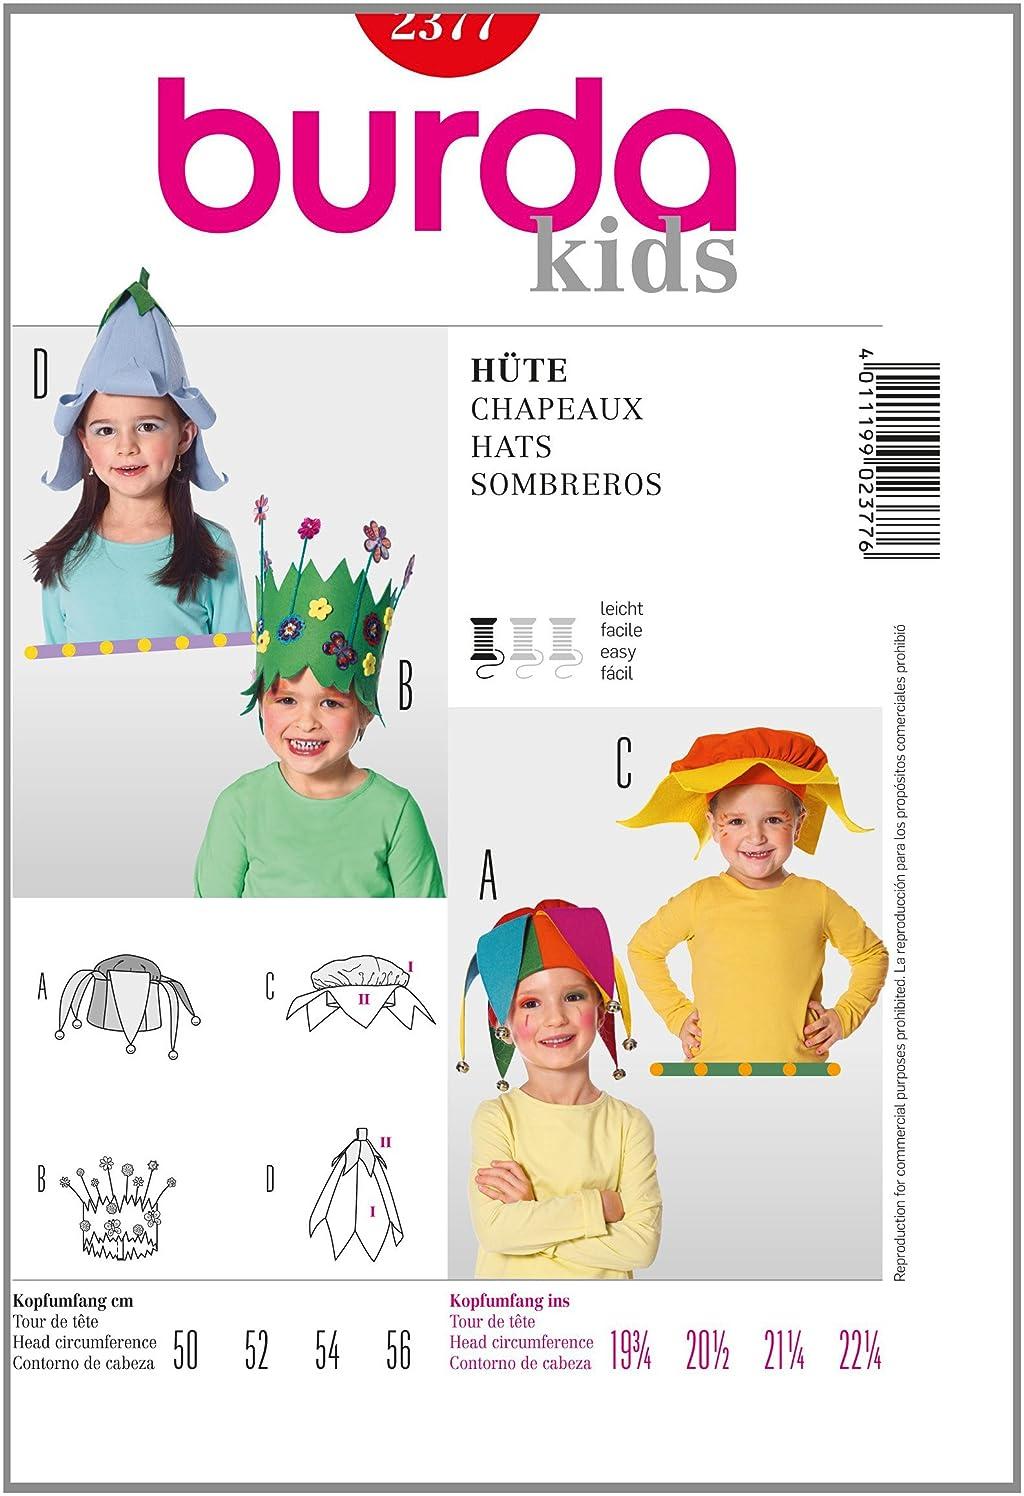 Burda Cutting Patterns Carnival Caps F? R Kids Head Circumference 50 cm, 52 cm, 54 cm, 56 cm